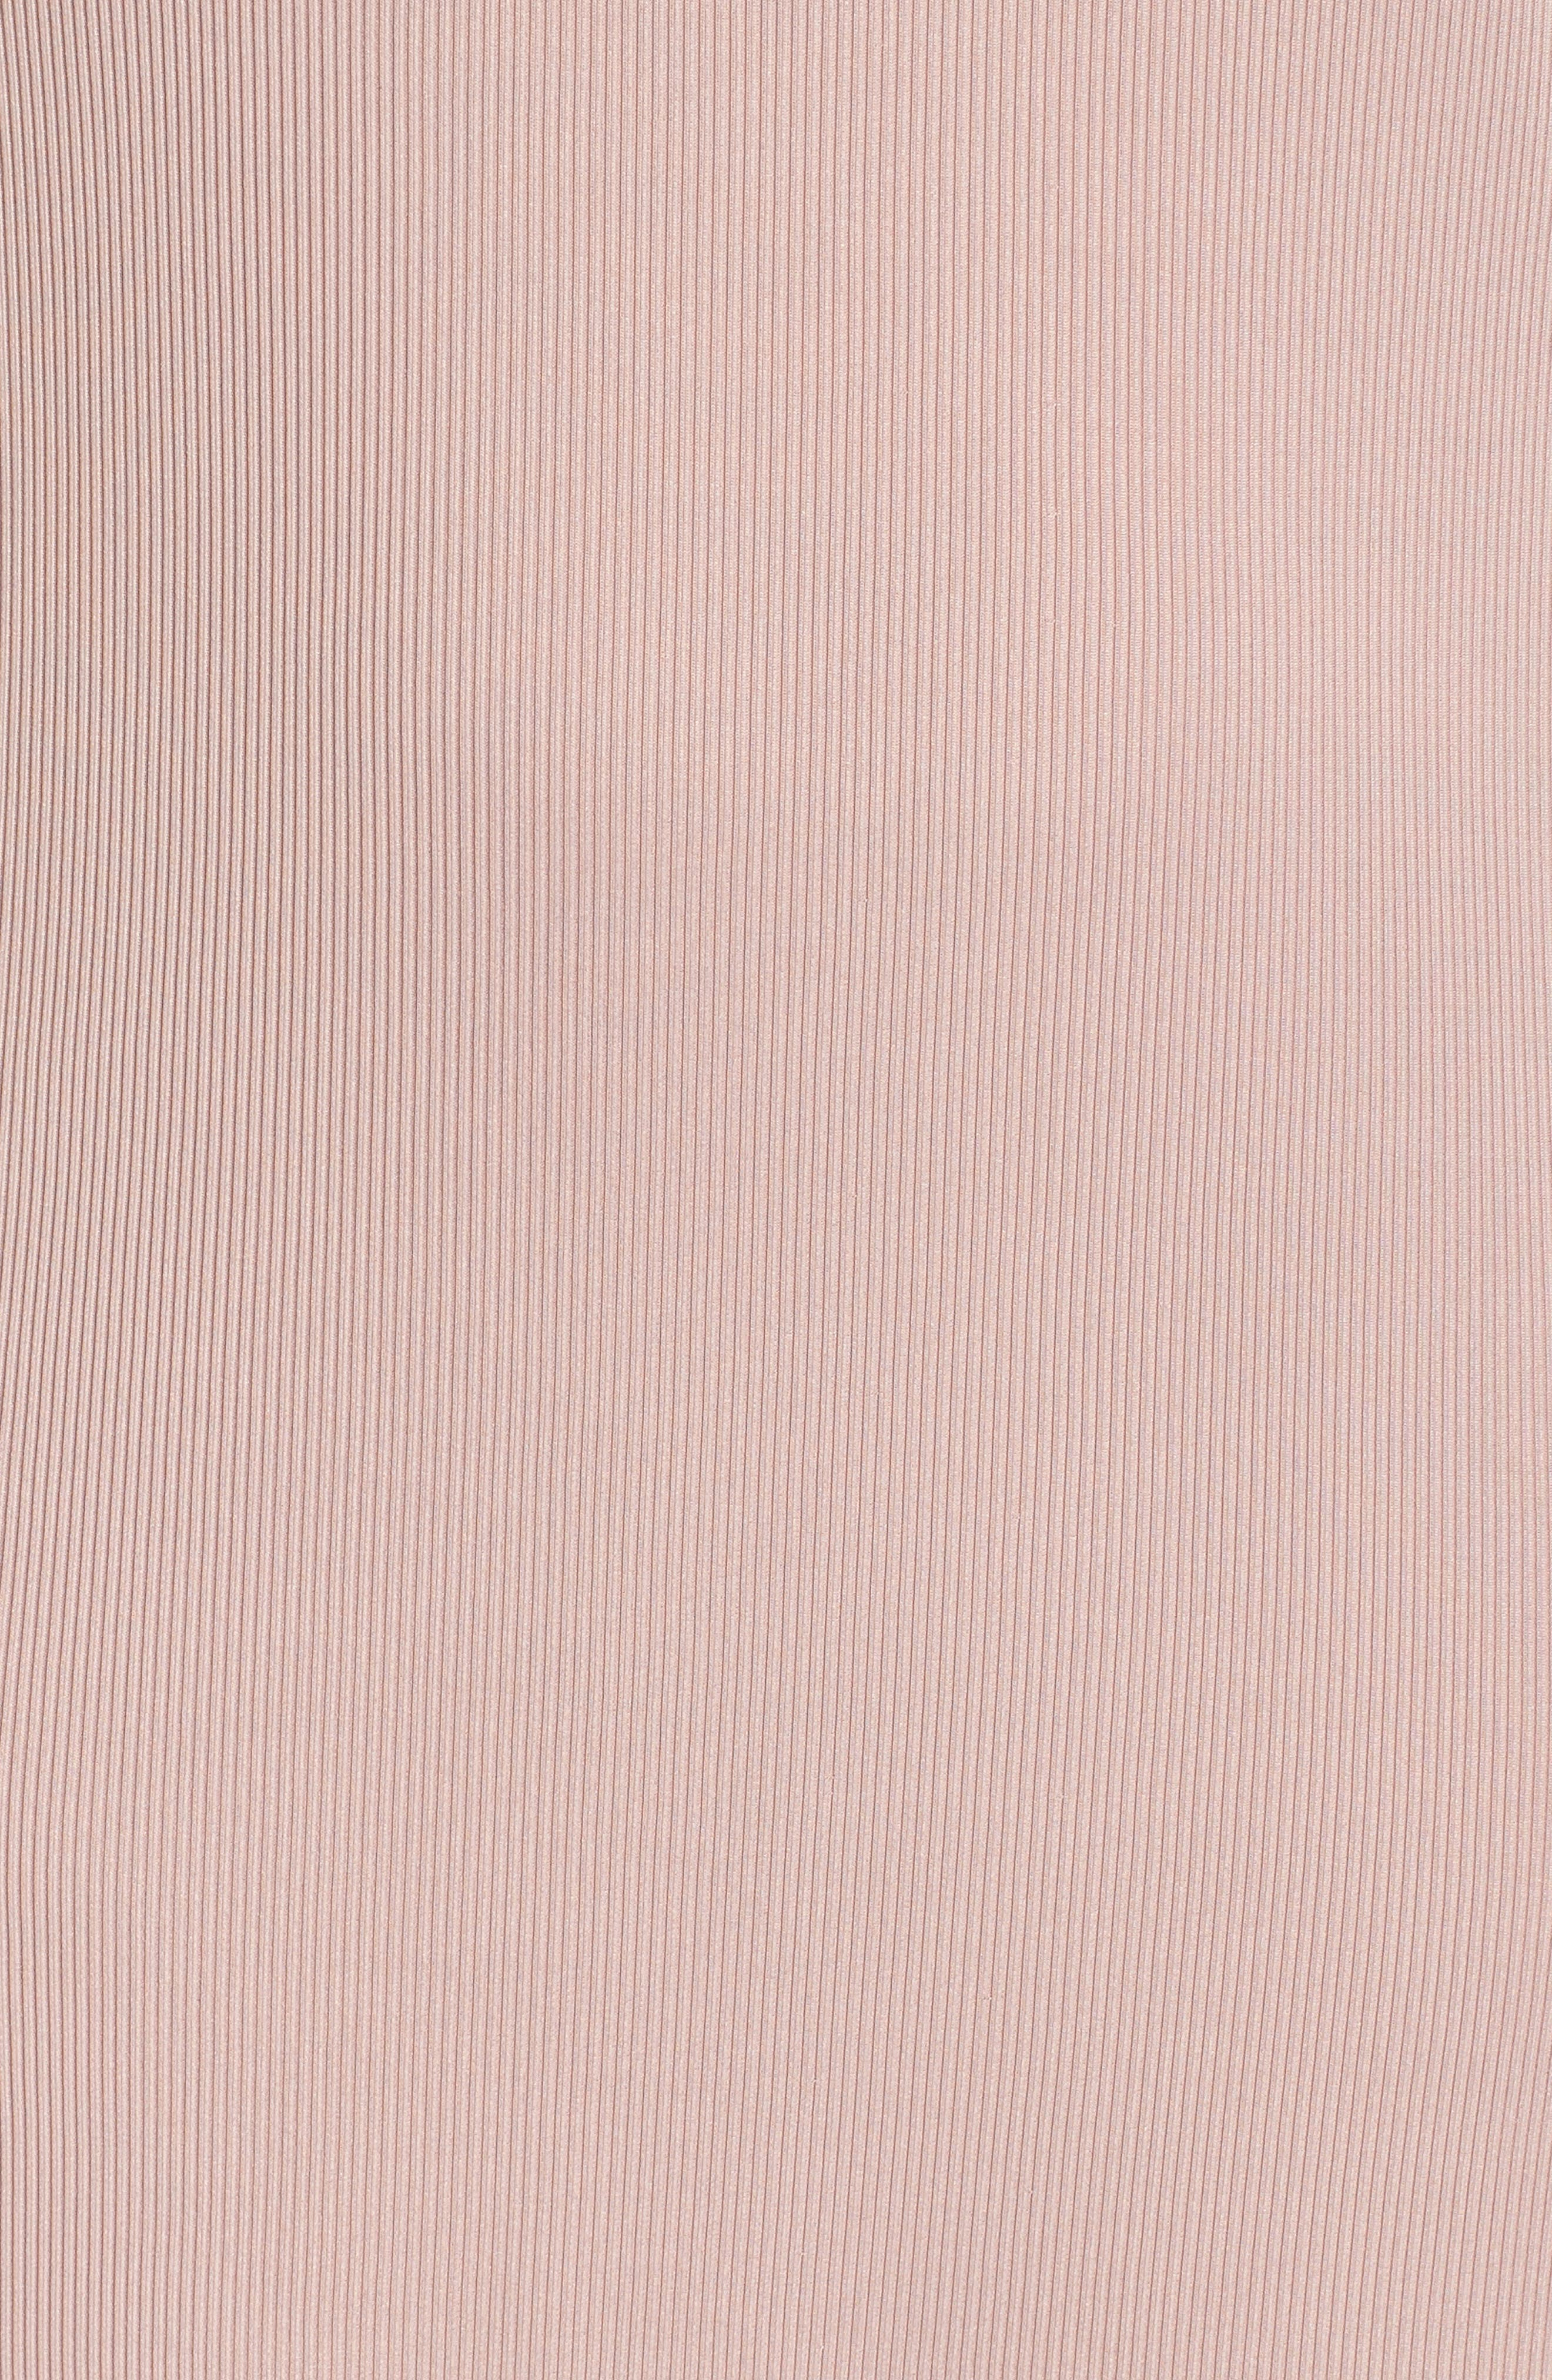 Rib Knit Swing Dress,                             Alternate thumbnail 6, color,                             Light Purple